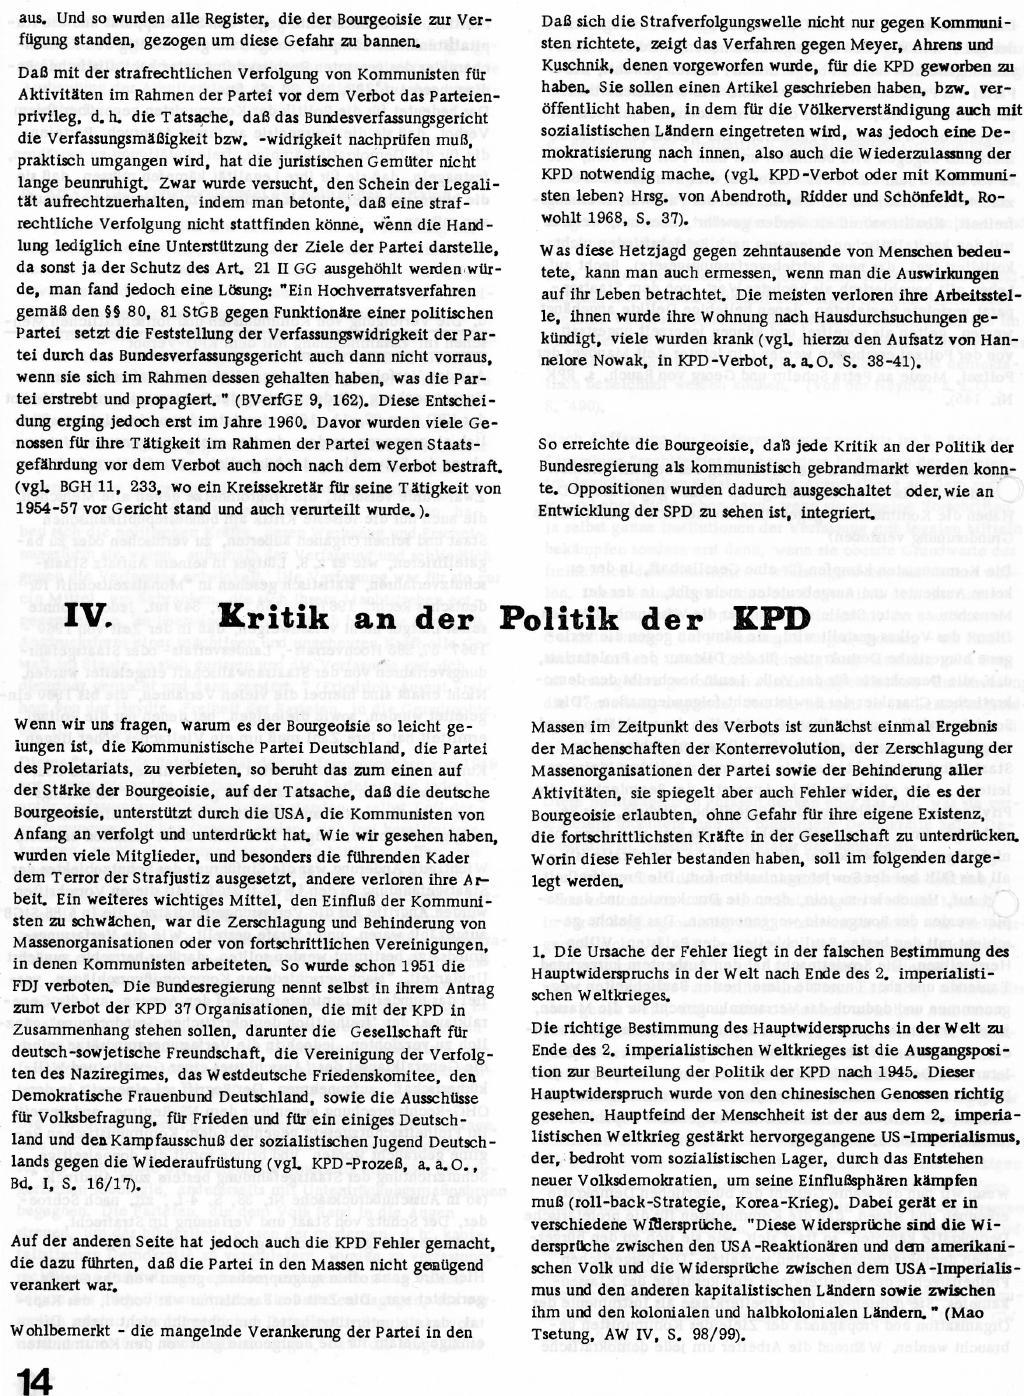 RPK_1971_146_147_14